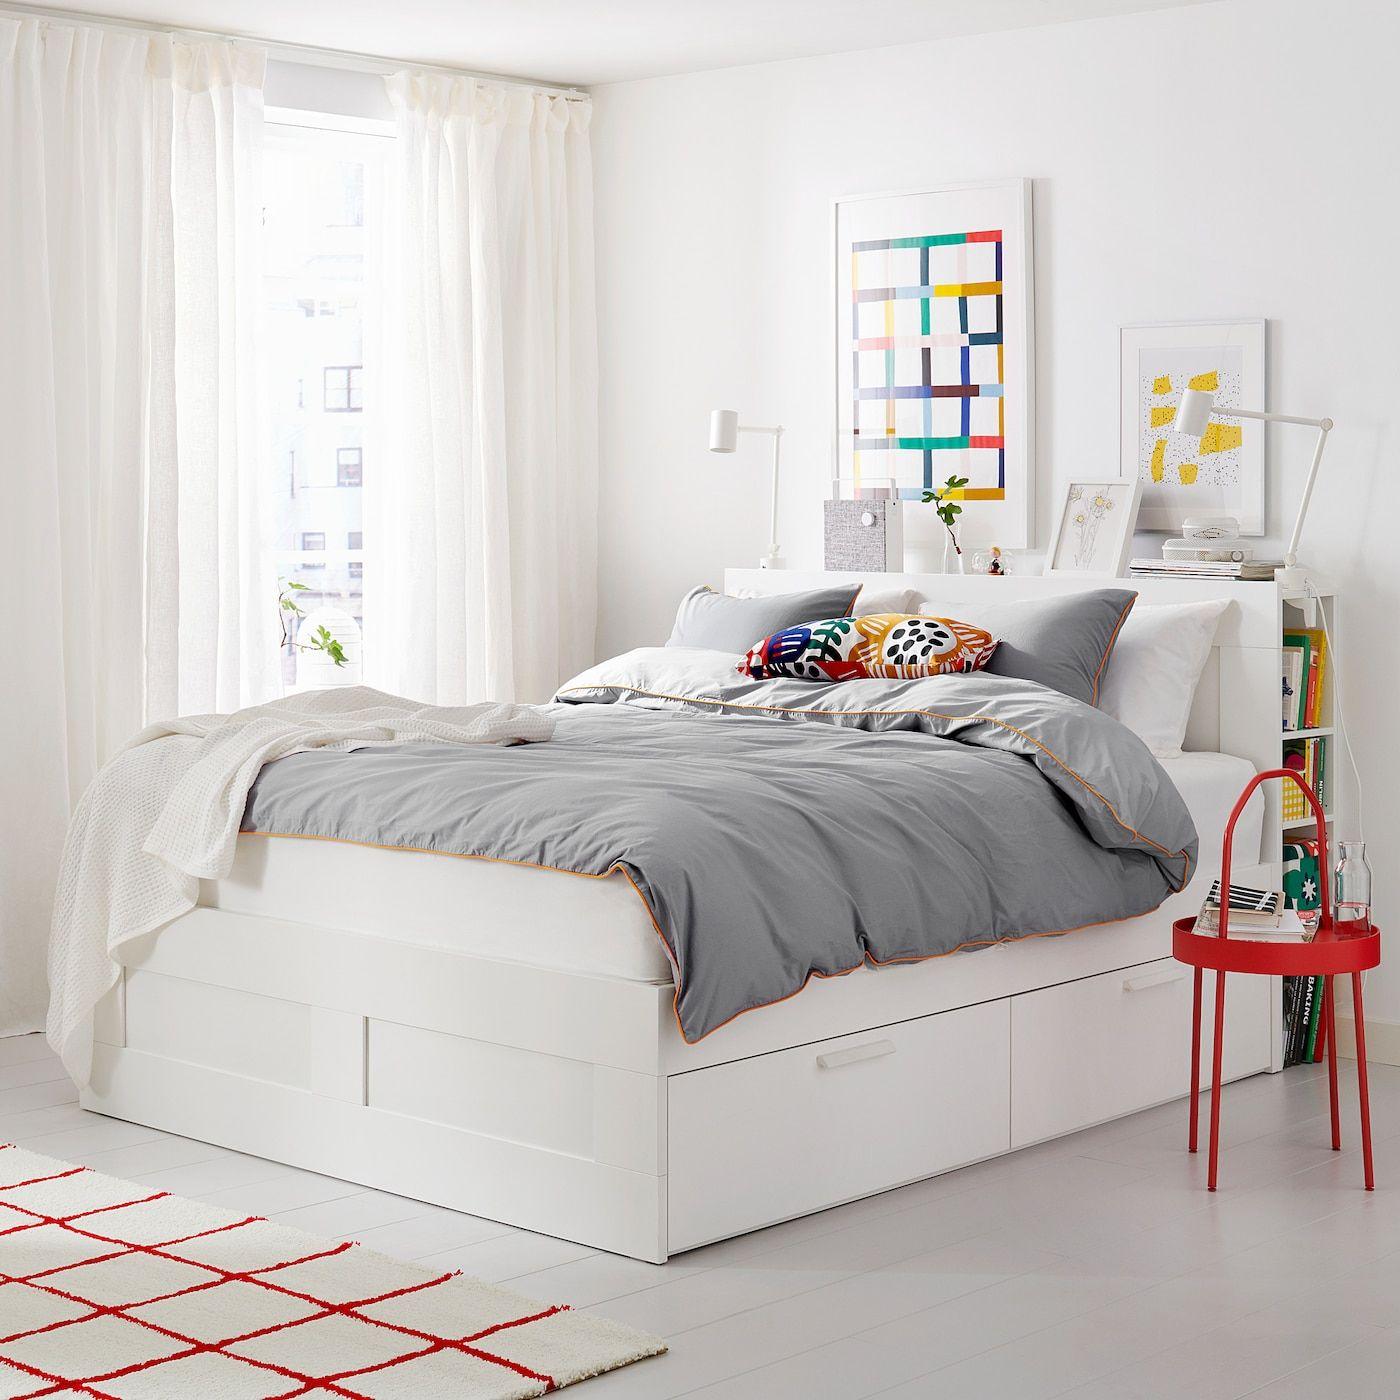 Ikea Brimnes Bettgestell Kopfteil Und Schublade Wei Szlig Lur Ouml Y In 2020 Bed Frame With Storage White Bed Frame Headboard Storage